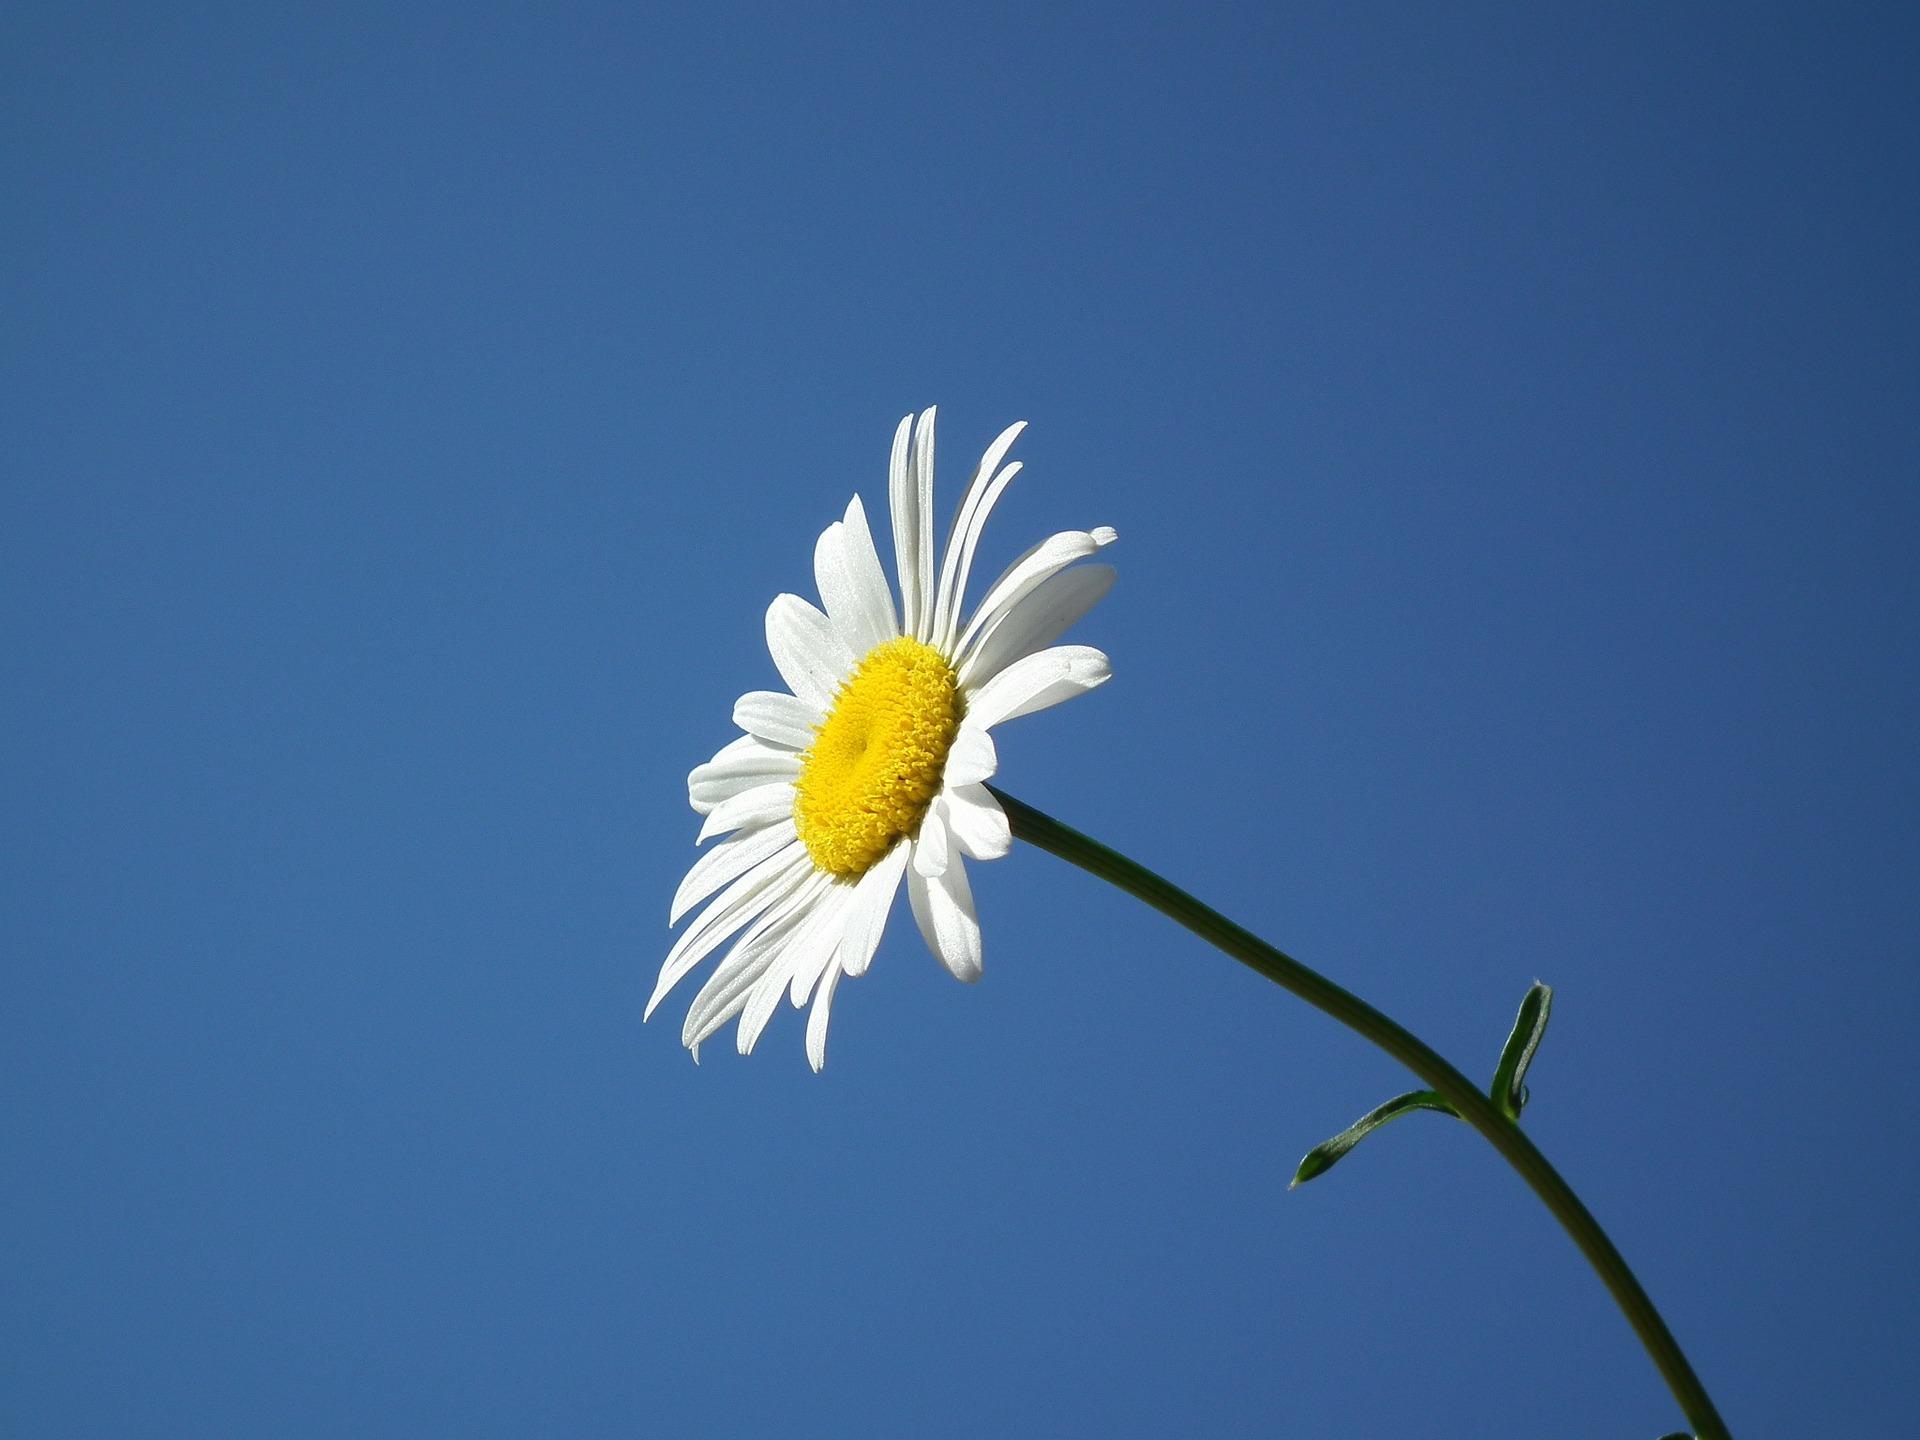 flower-193452_1920